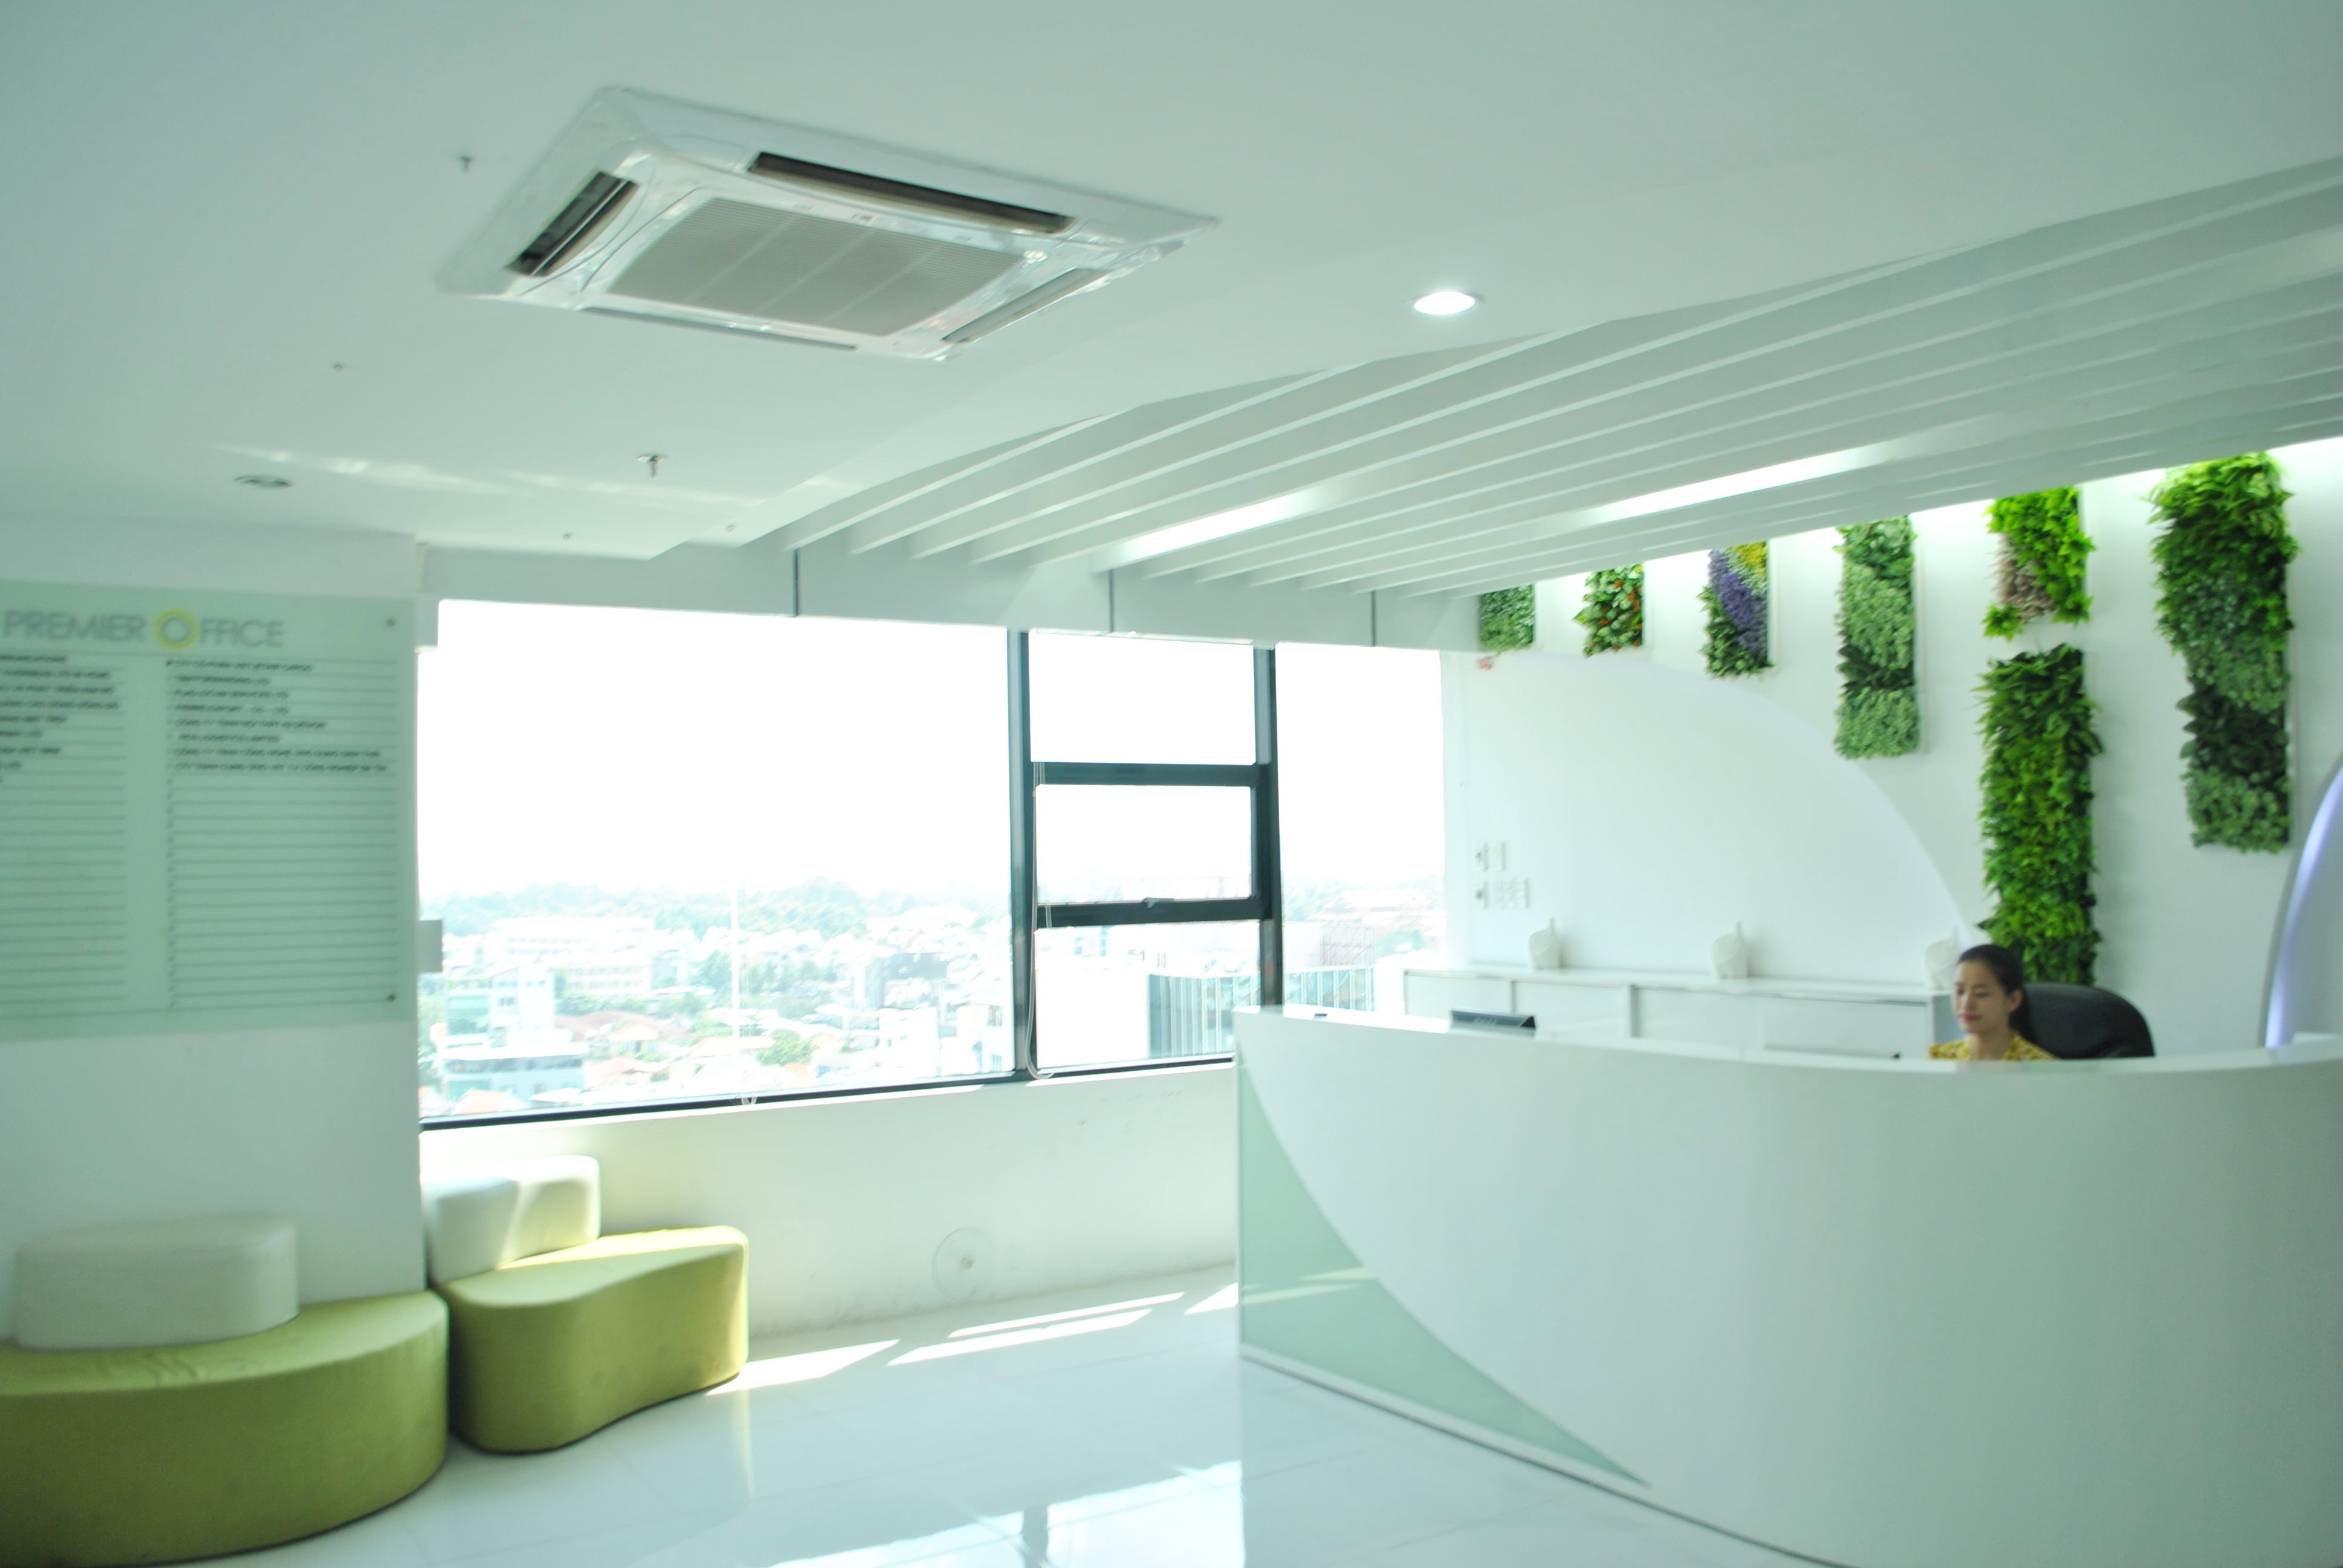 cho thuê văn phòng gần sân bay Tân Sơn Nhất TPHCM